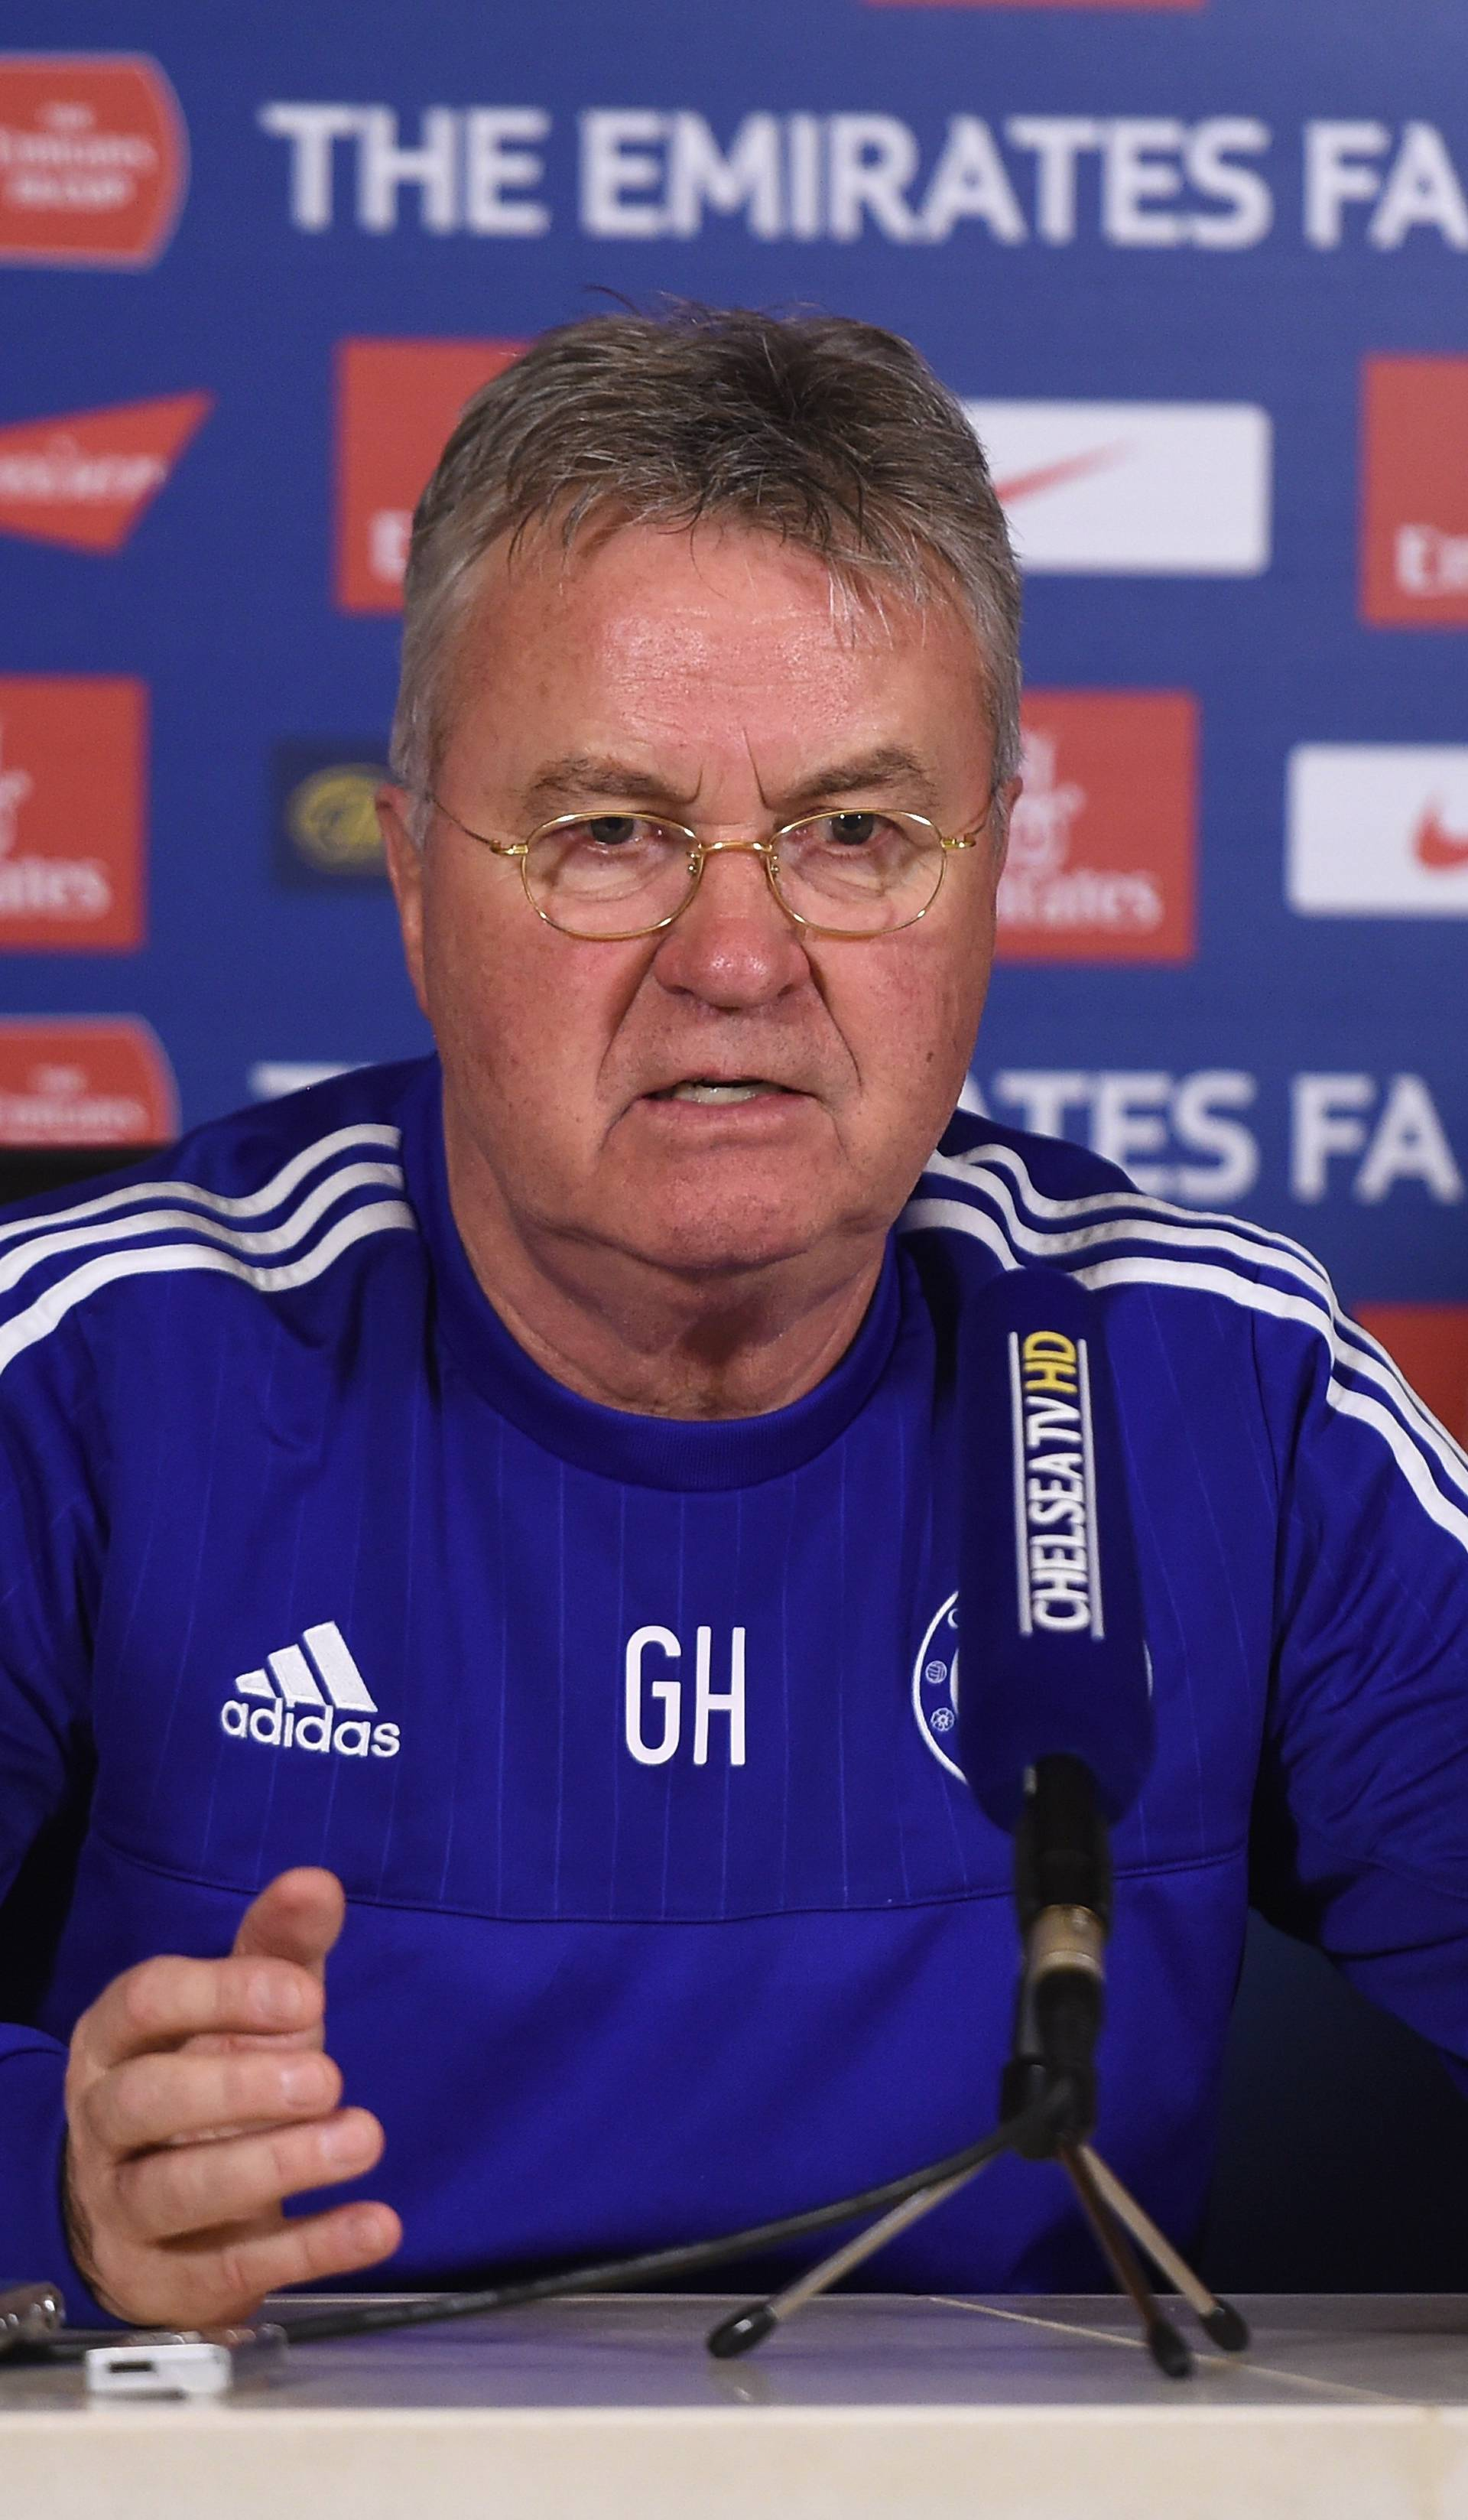 Ne ide mu: Hiddink više nije izbornik kineske reprezentacije